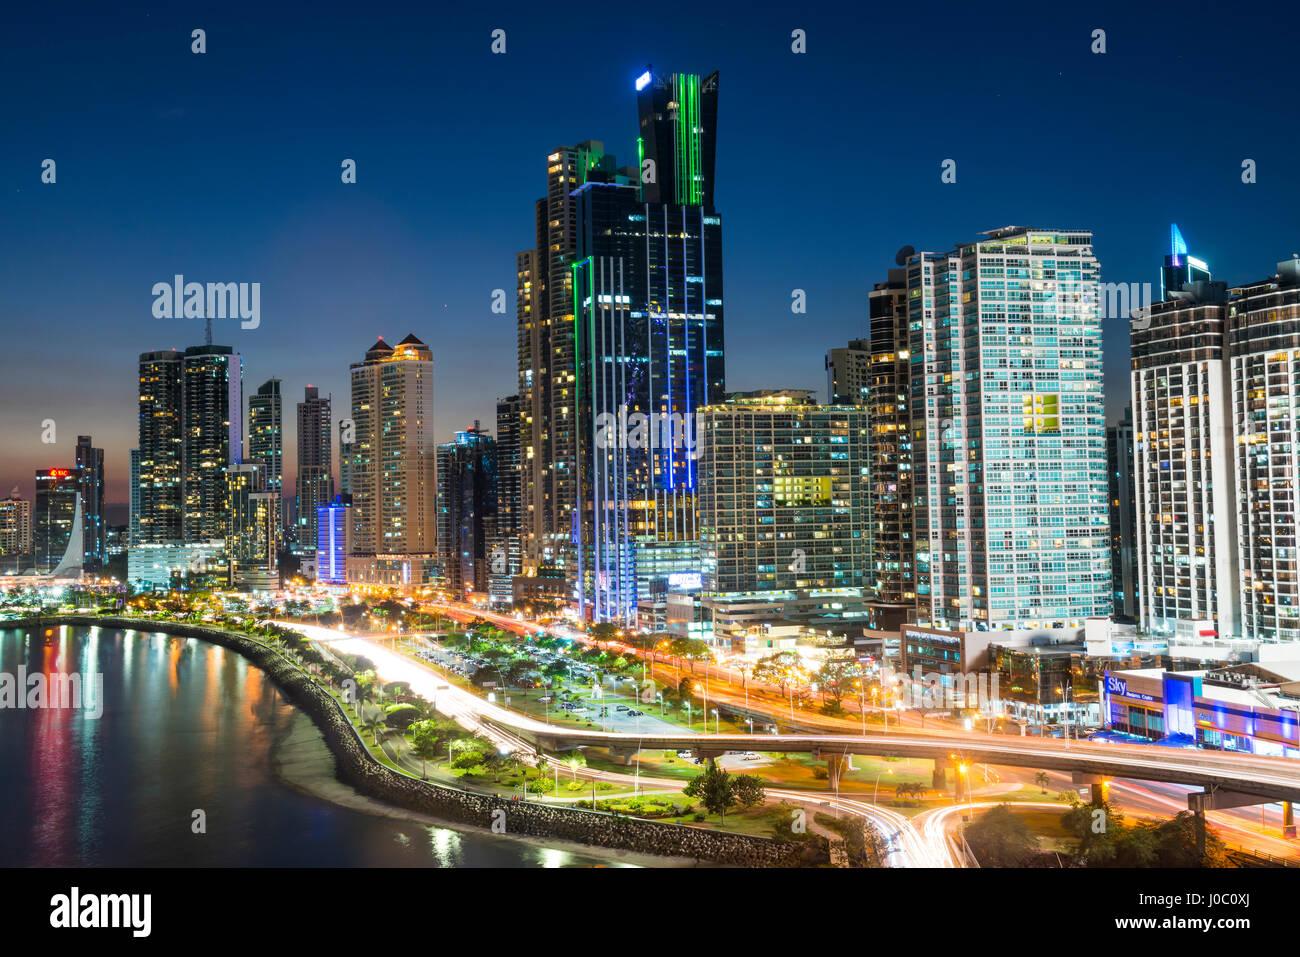 El horizonte de la Ciudad de Panamá en la noche, La Ciudad de Panamá, Panamá, América Central Imagen De Stock